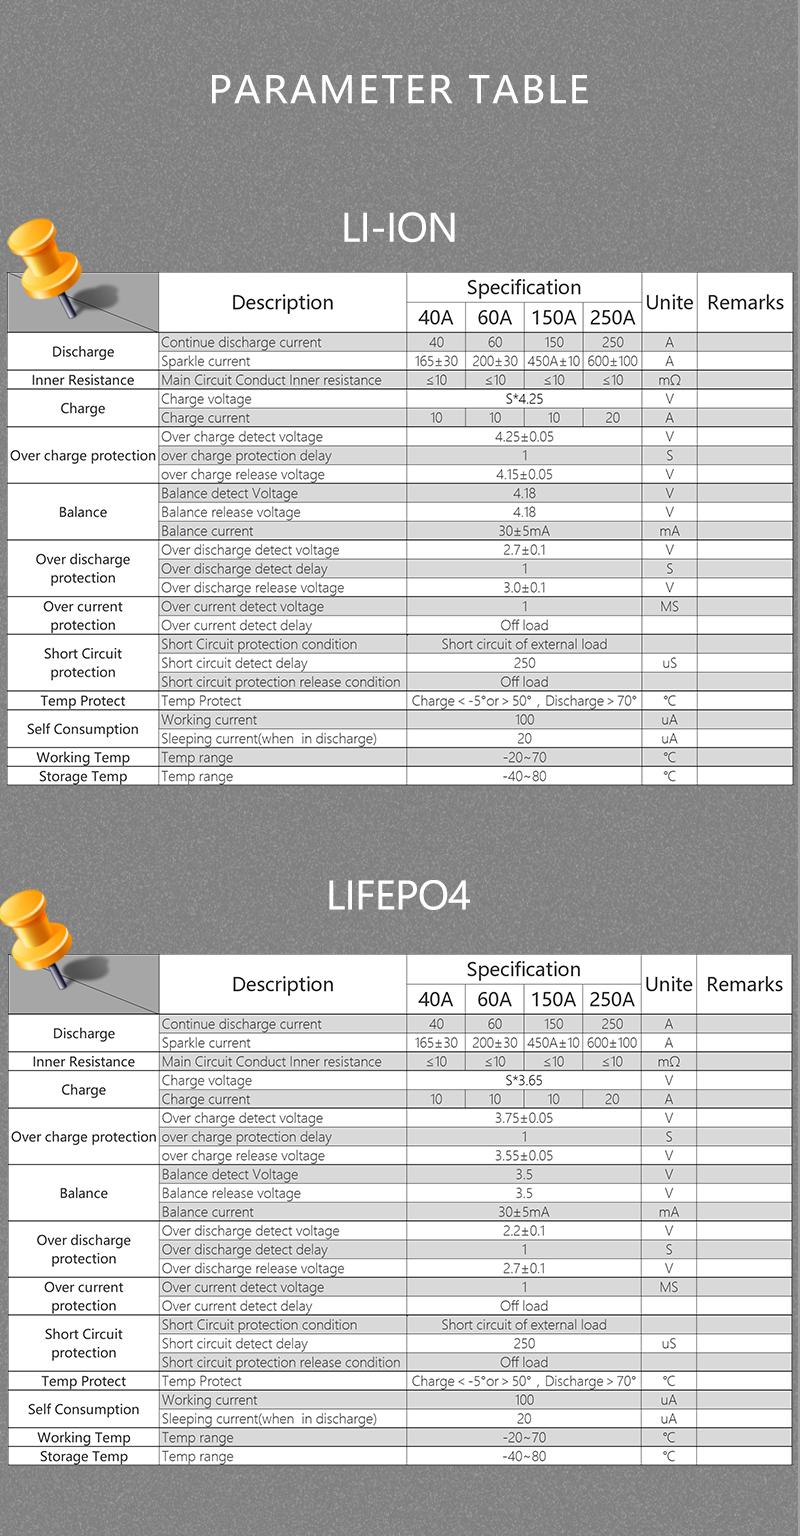 デイリー BMS リチウムイオン、 LiFePO4 12v 、 36v 、 48v 、 60v 、 72v 、 96v 、 108v 10a 、 30a 、 60a 、 80a 、 100a 、 250a 防水 PCM/PCBA バランス